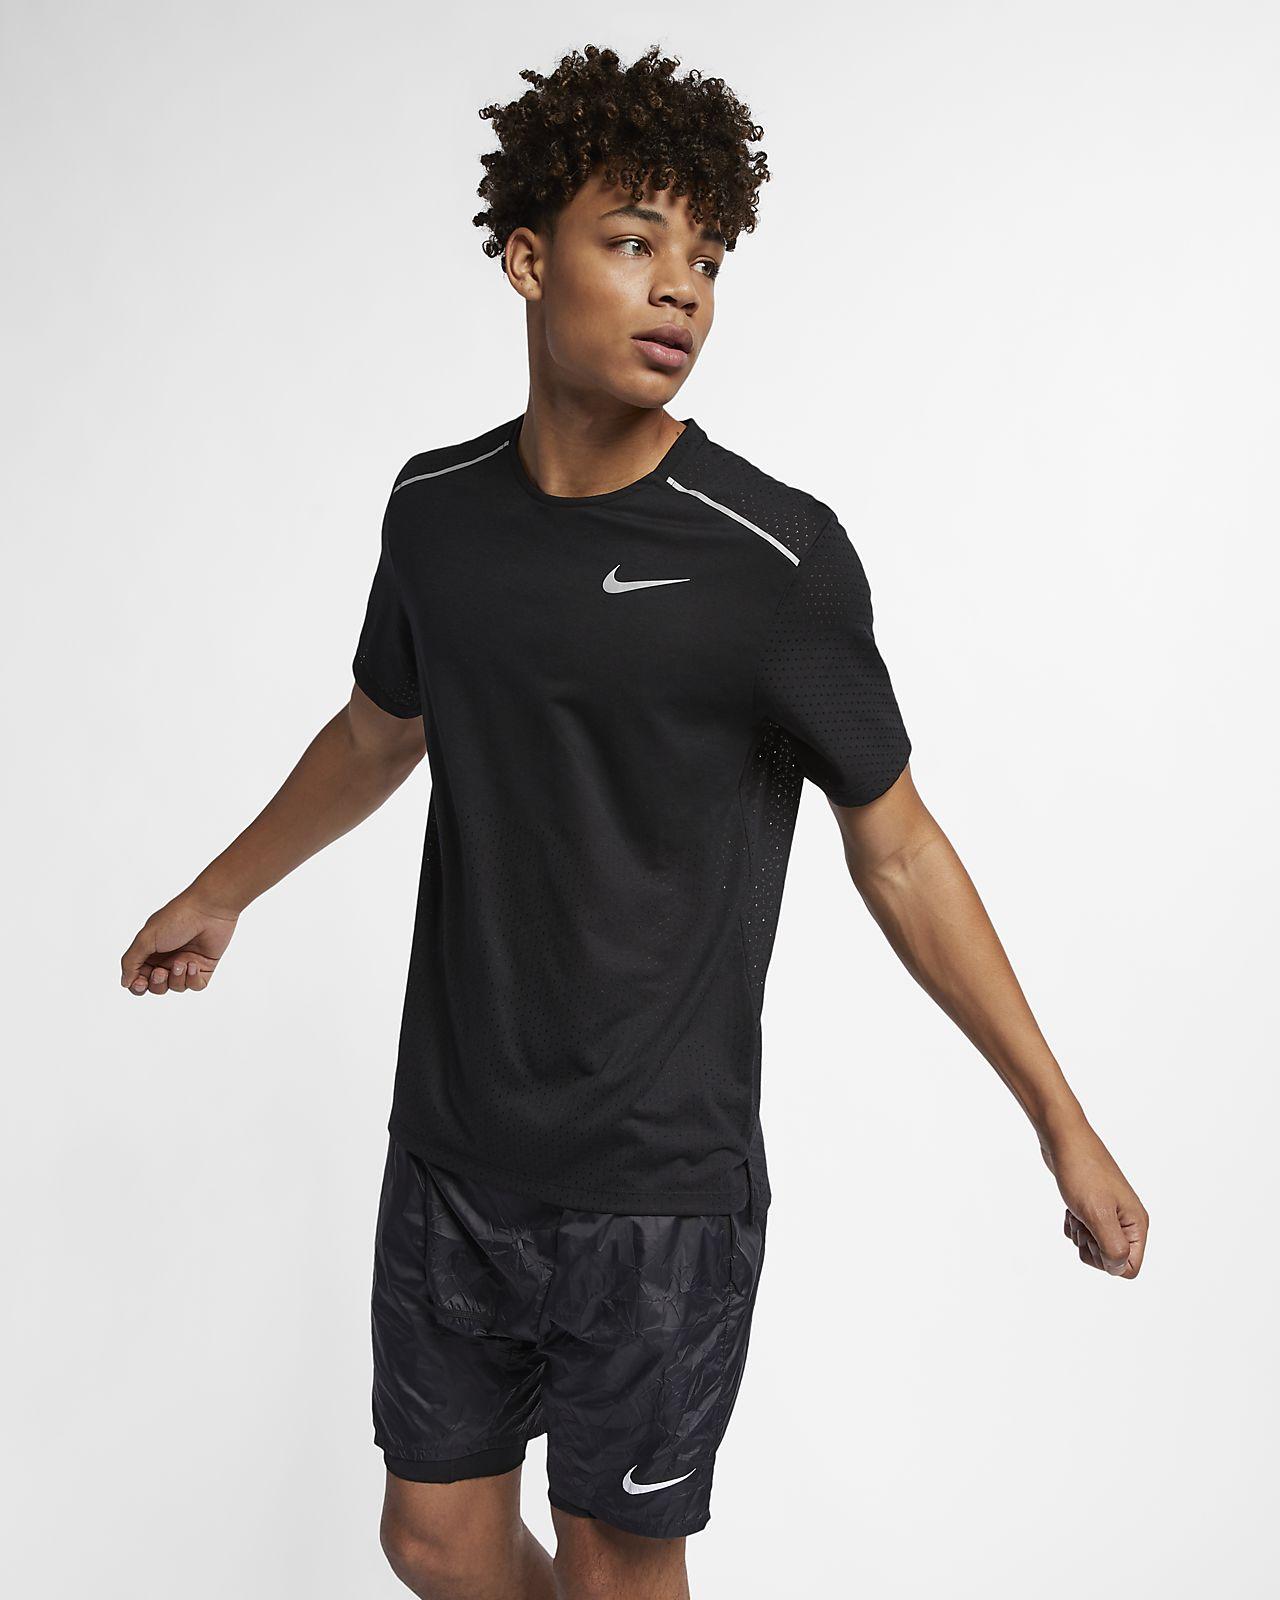 Maglia da running a manica corta Nike Rise 365 - Uomo